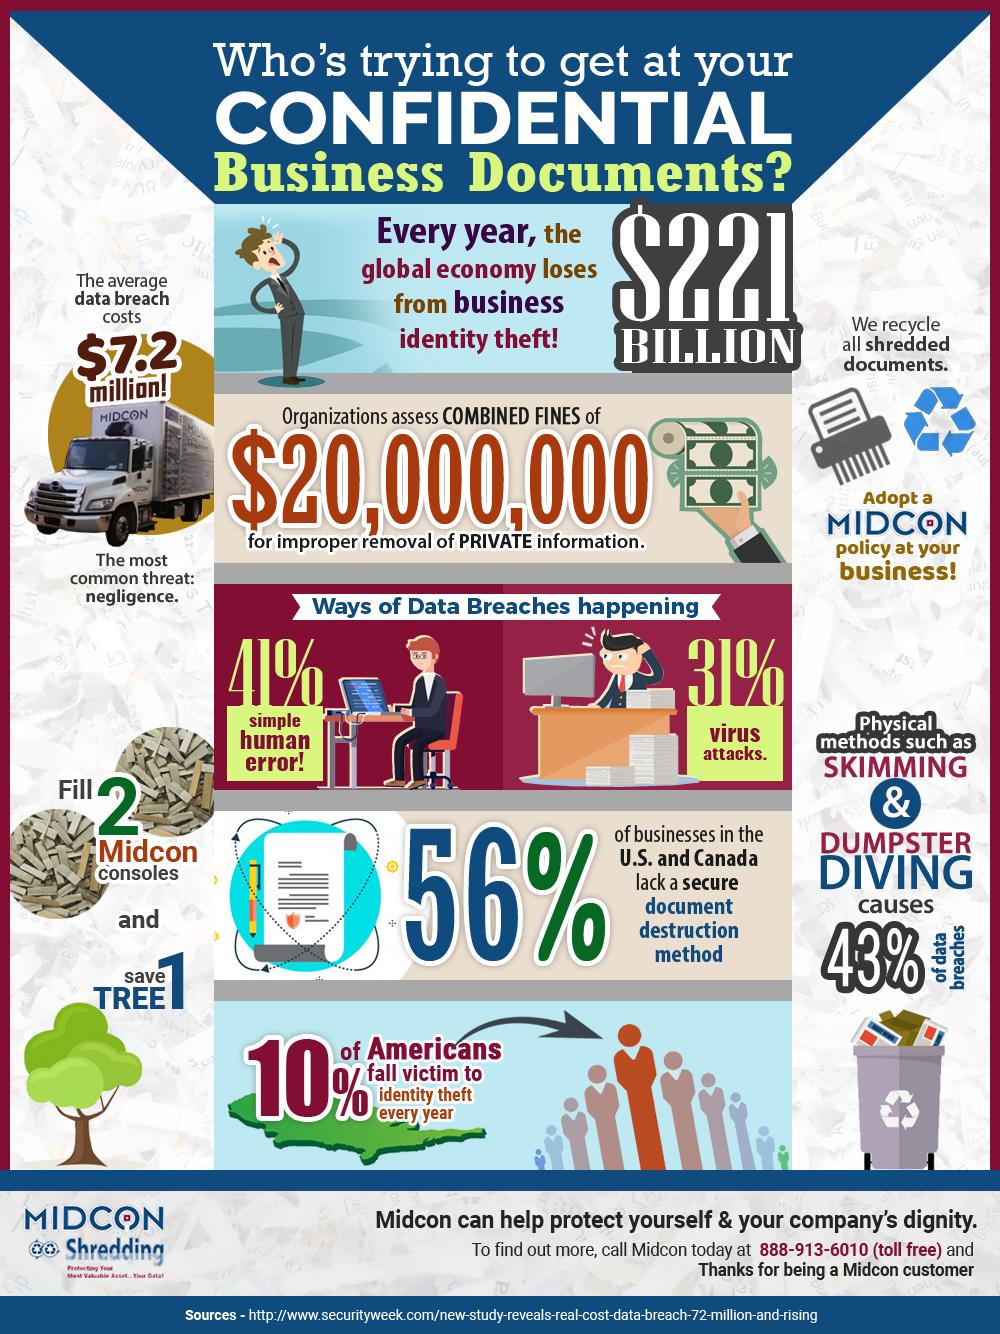 midcon shredding infographics.png